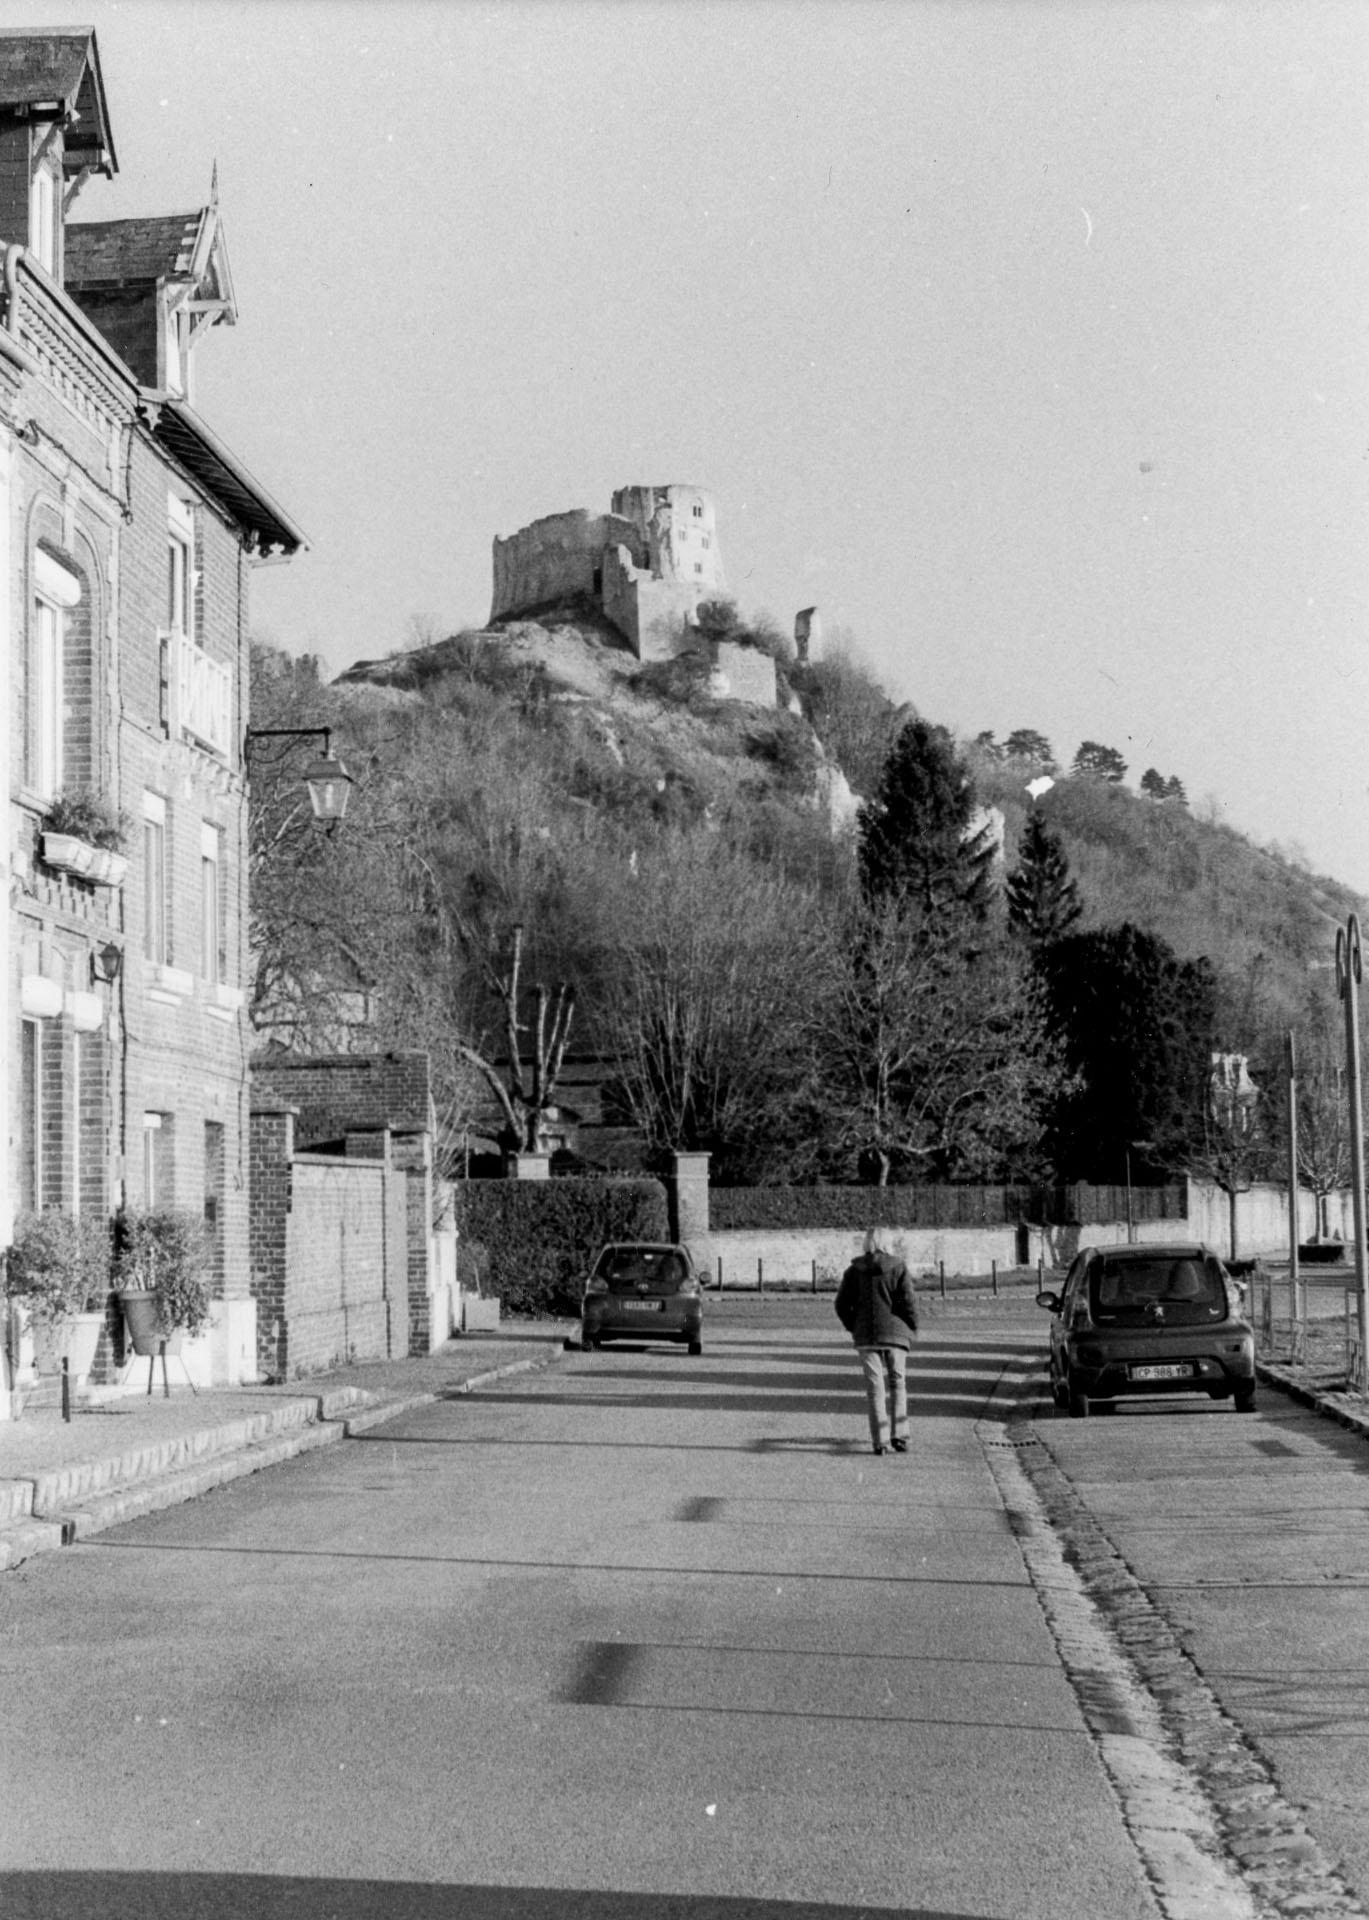 Les Andelys avec le chateau Gaillard dans le fond - Pentax MX + 50mm f1.7